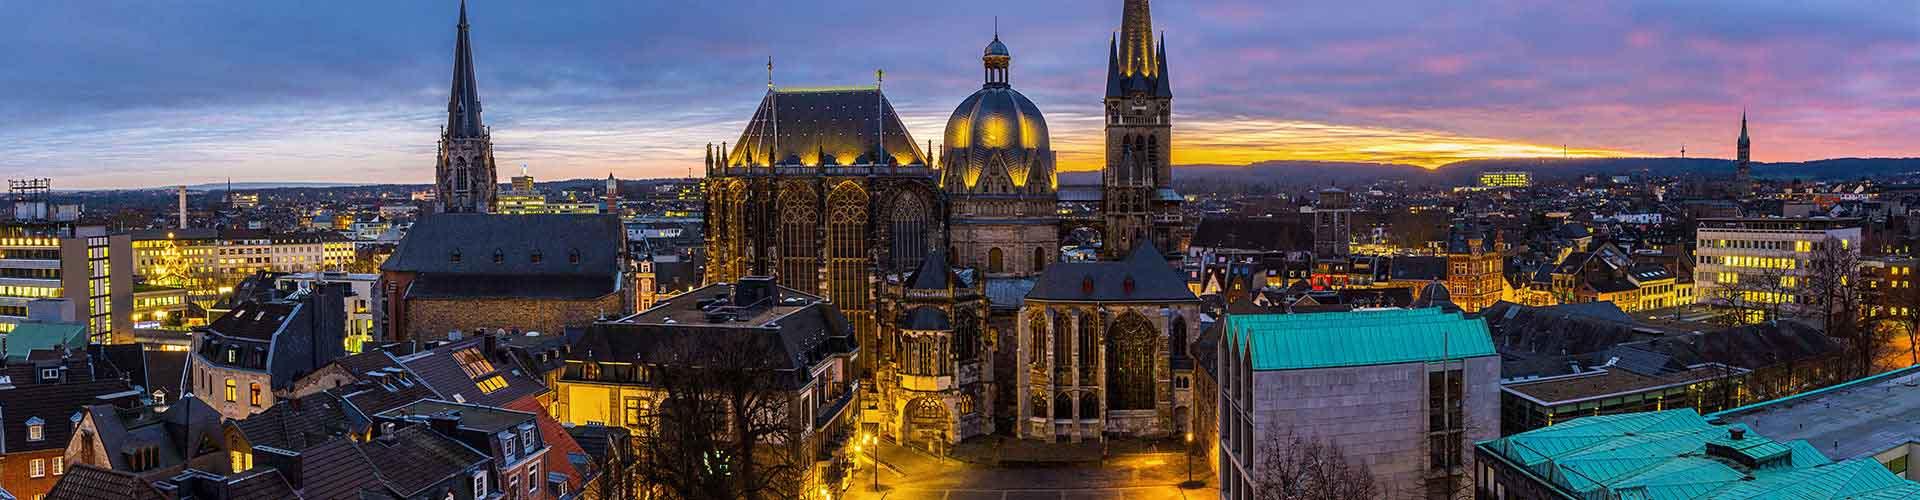 Aachen - Hôtels à Aachen. Cartes pour Aachen, photos et commentaires pour chaque hôtel à Aachen.